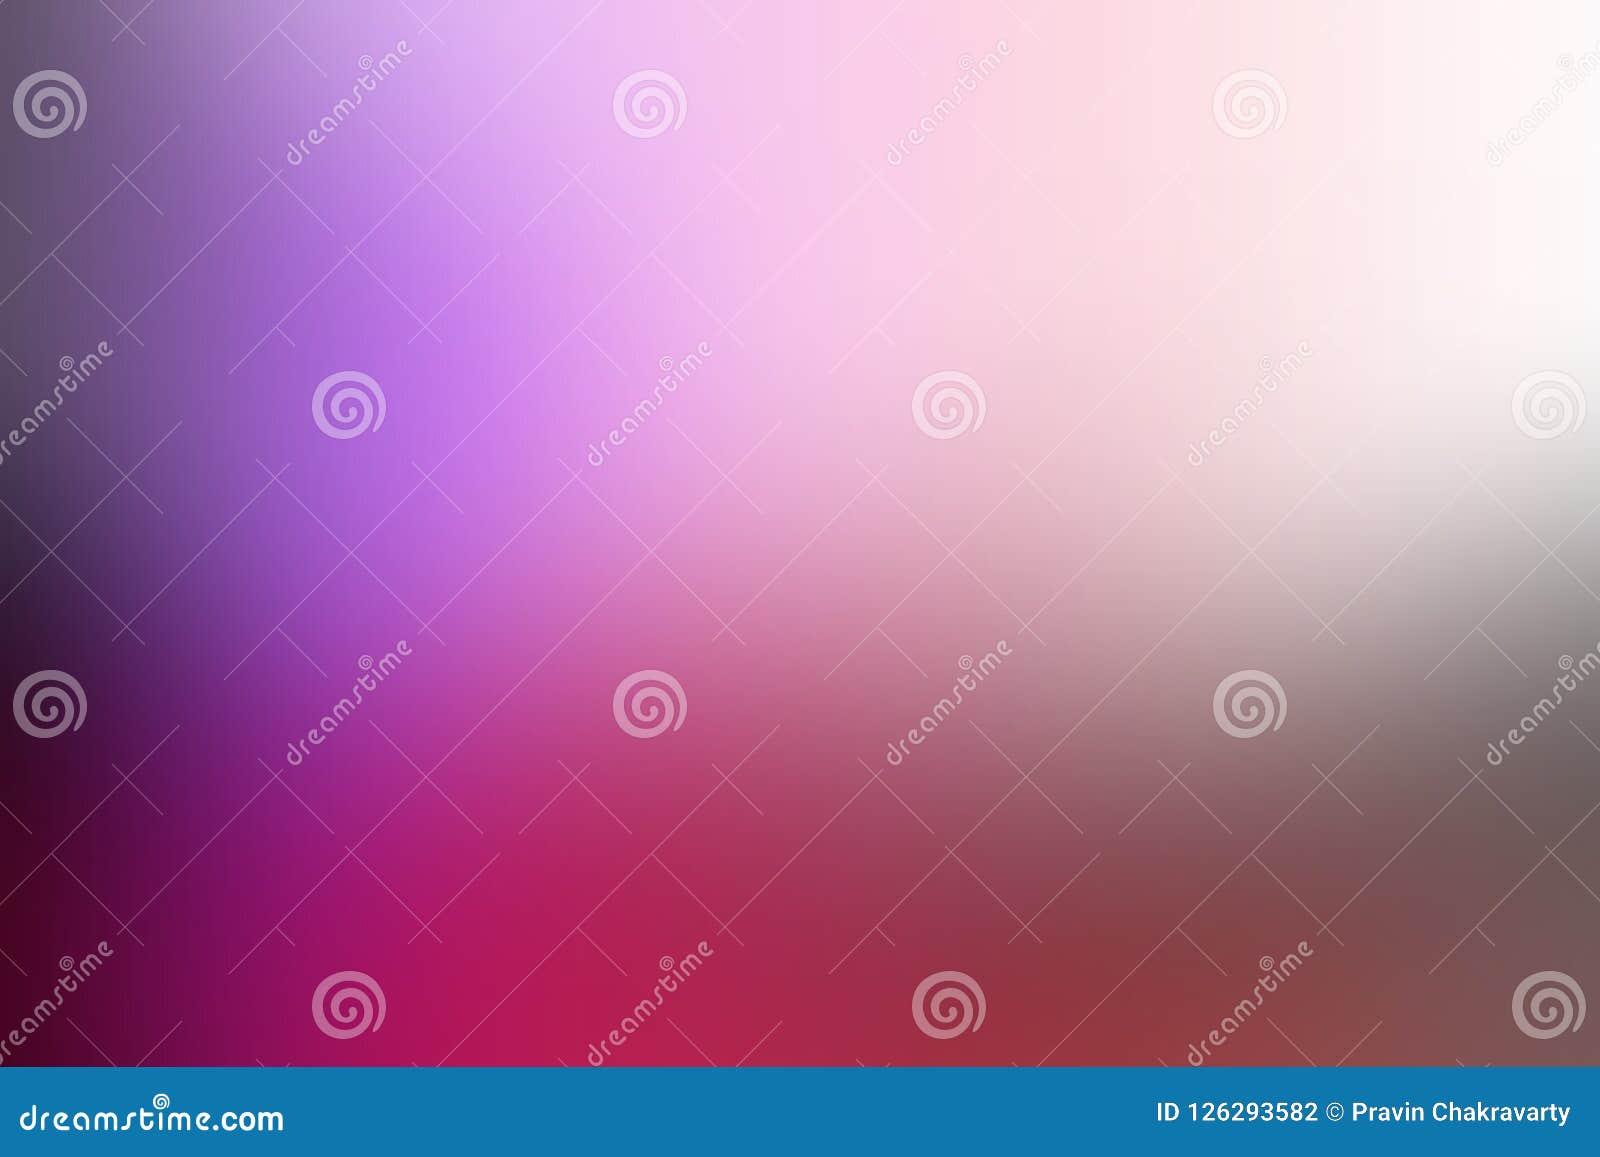 Multicolored vaag in de schaduw gesteld behang als achtergrond levendige kleuren vectorillustratie